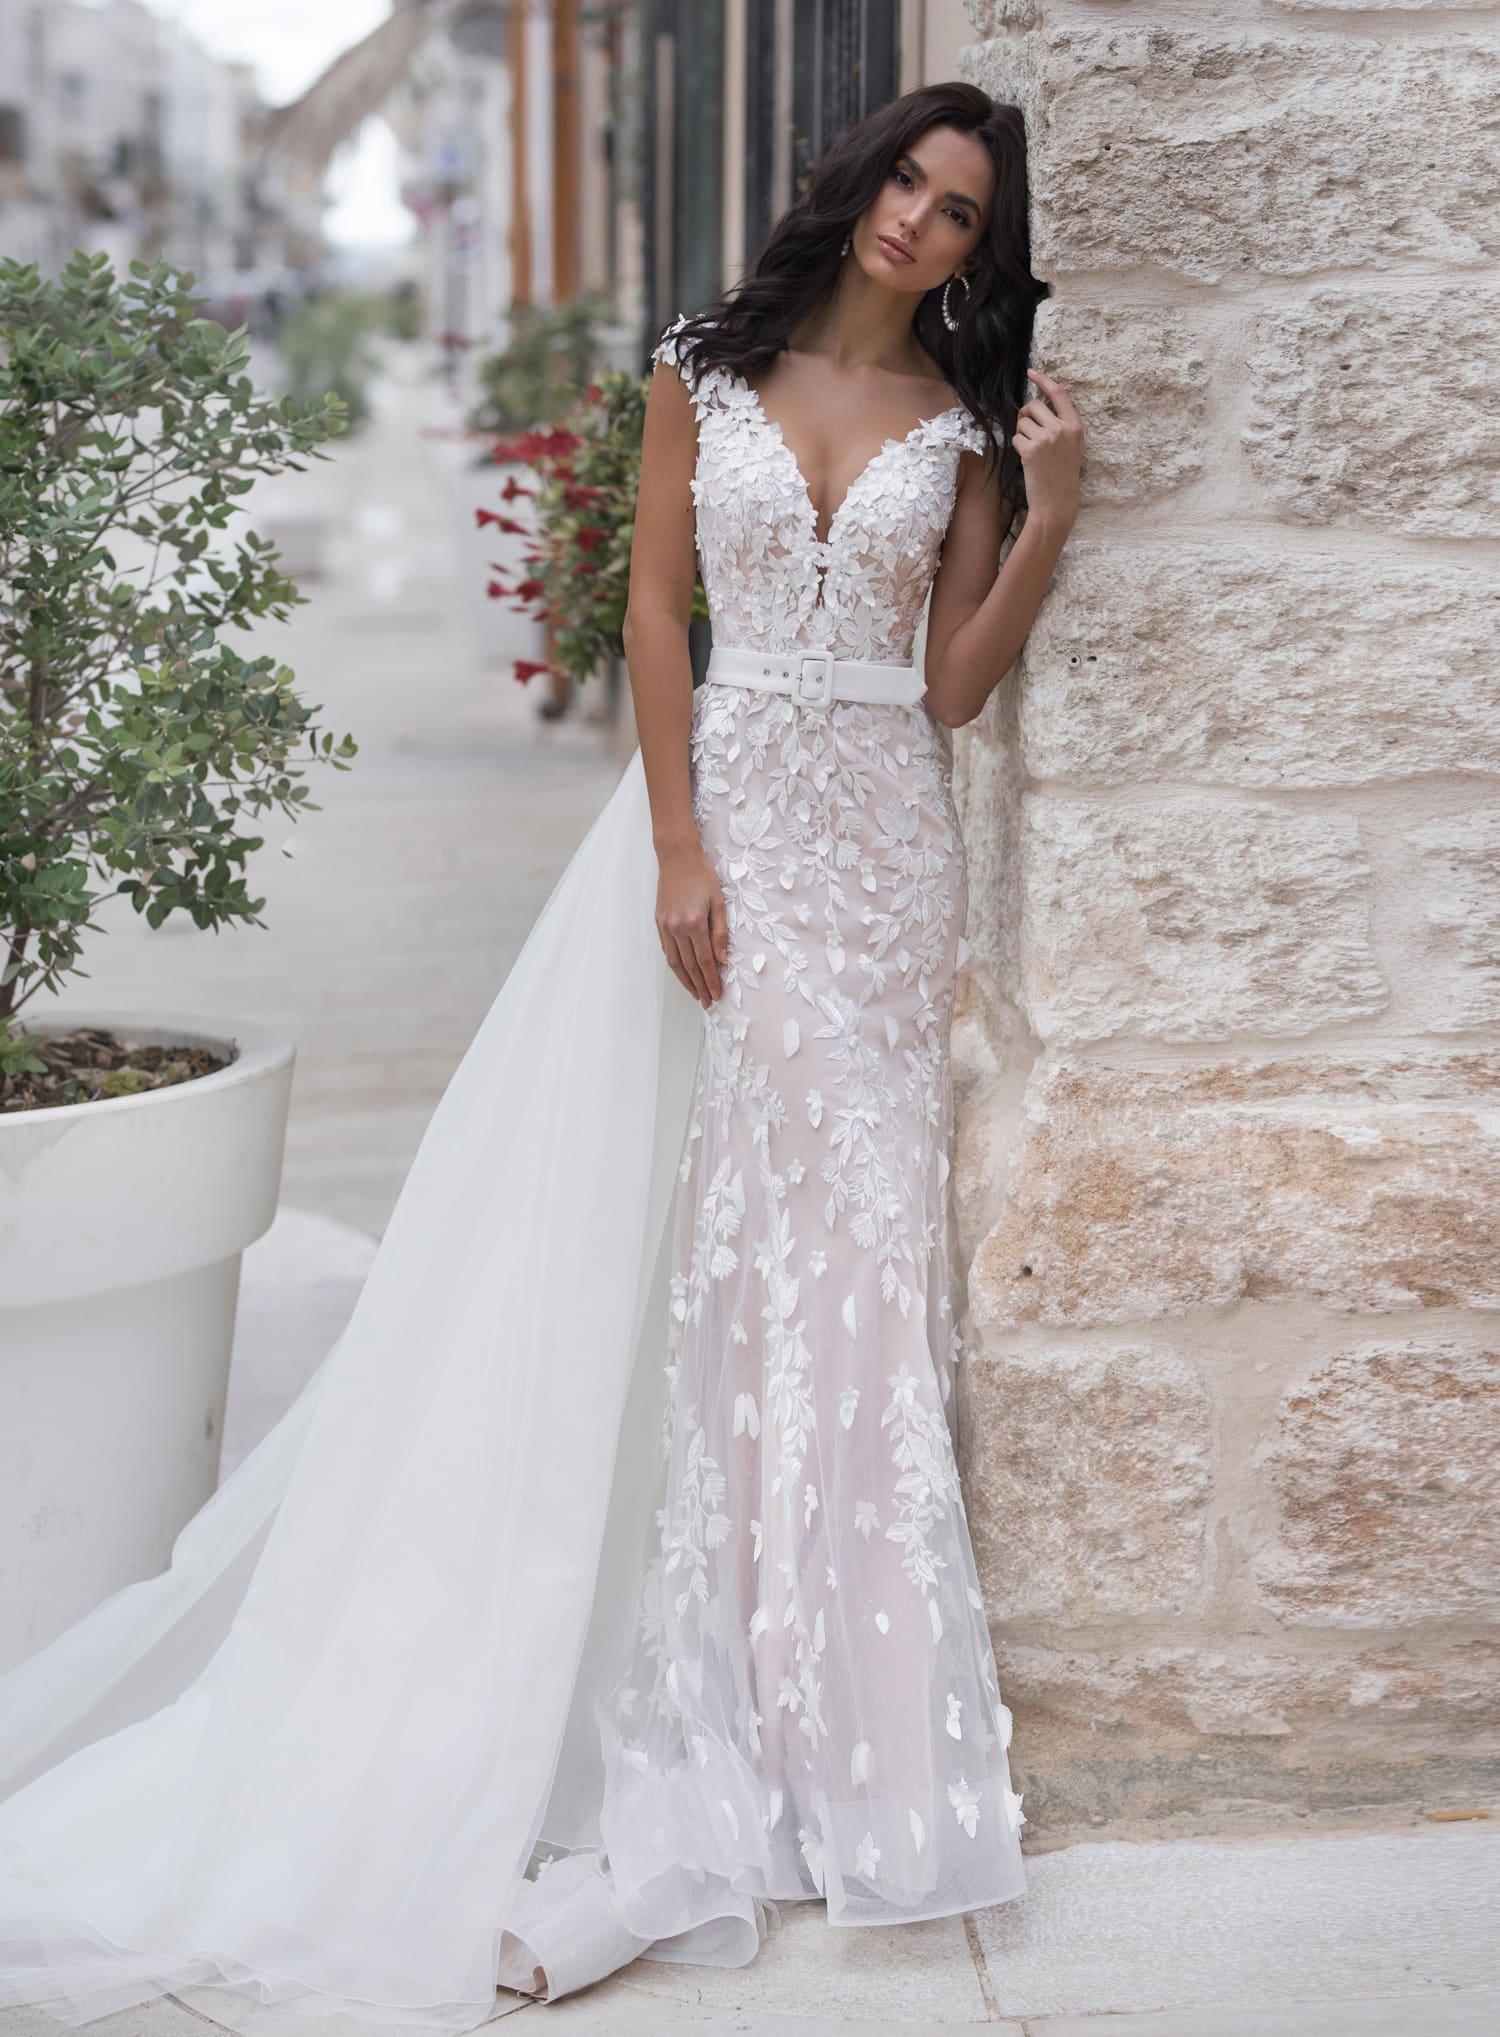 3aea7c92f66 Свадебное платье с поясом и шлейфом Naviblue Bridal Naira 18295 ...